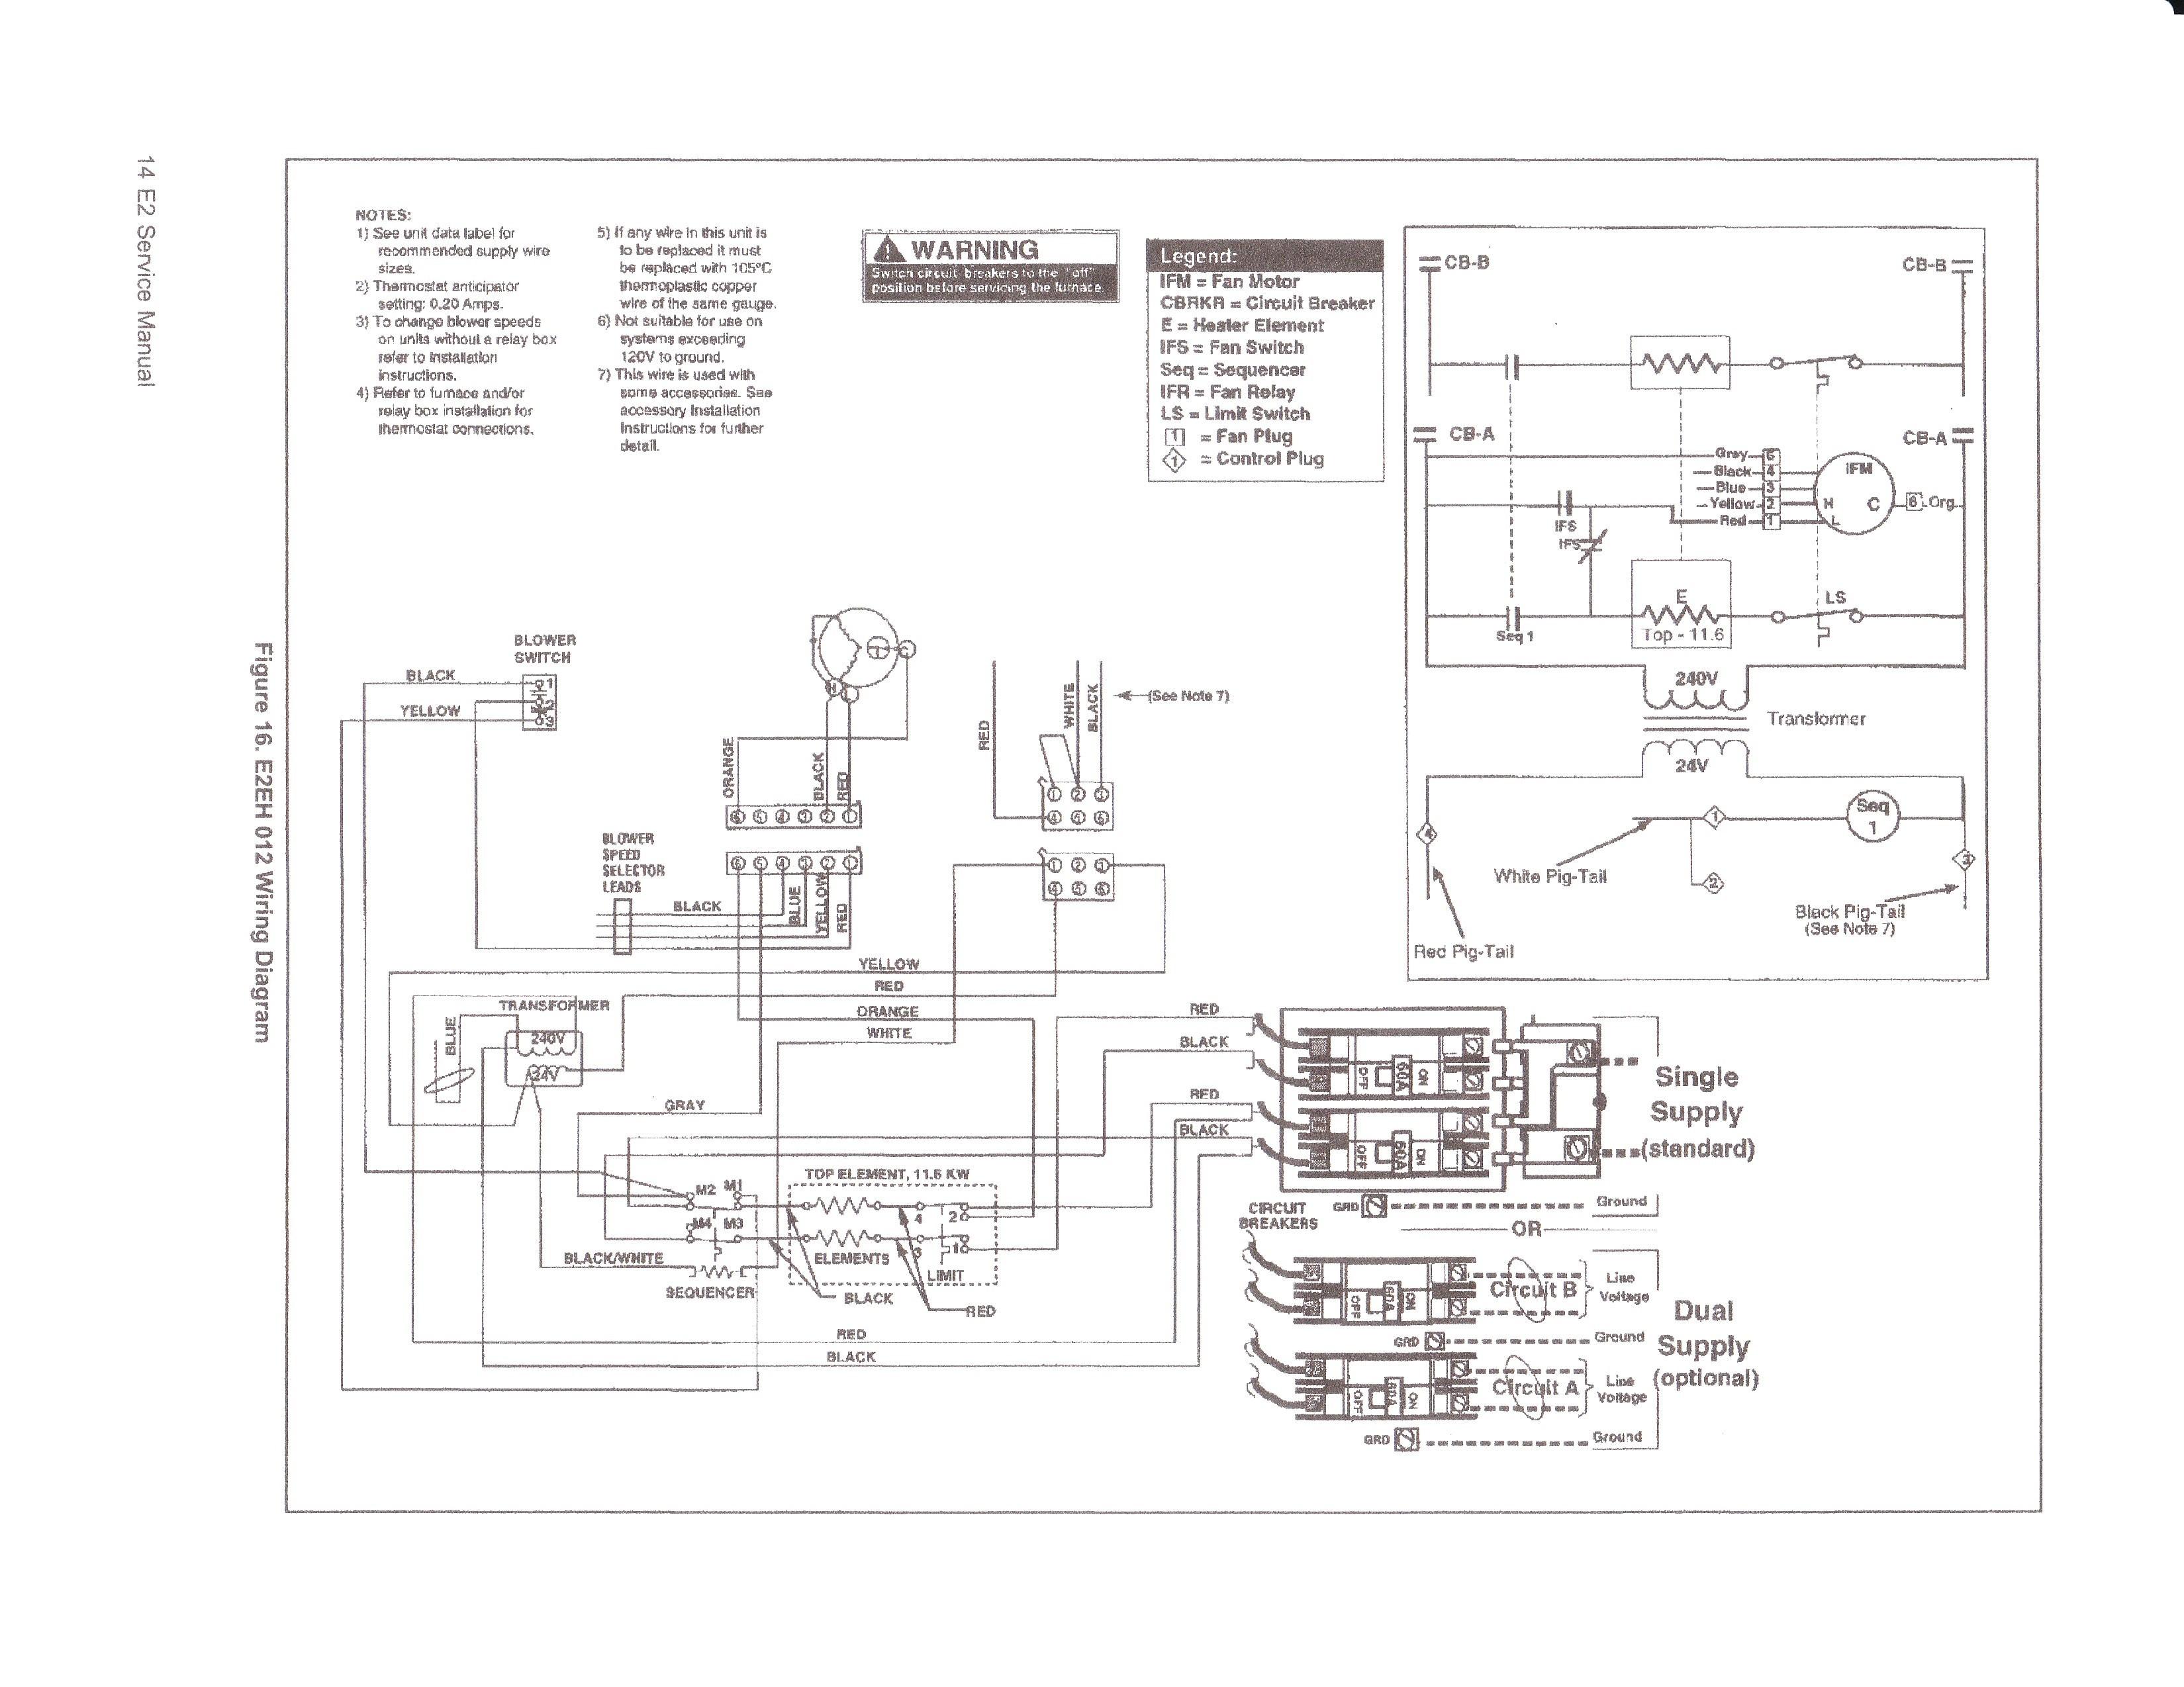 Nordyne Wiring Diagram Electric Furnace Save Nordyne Heat Pump Wiring Diagram